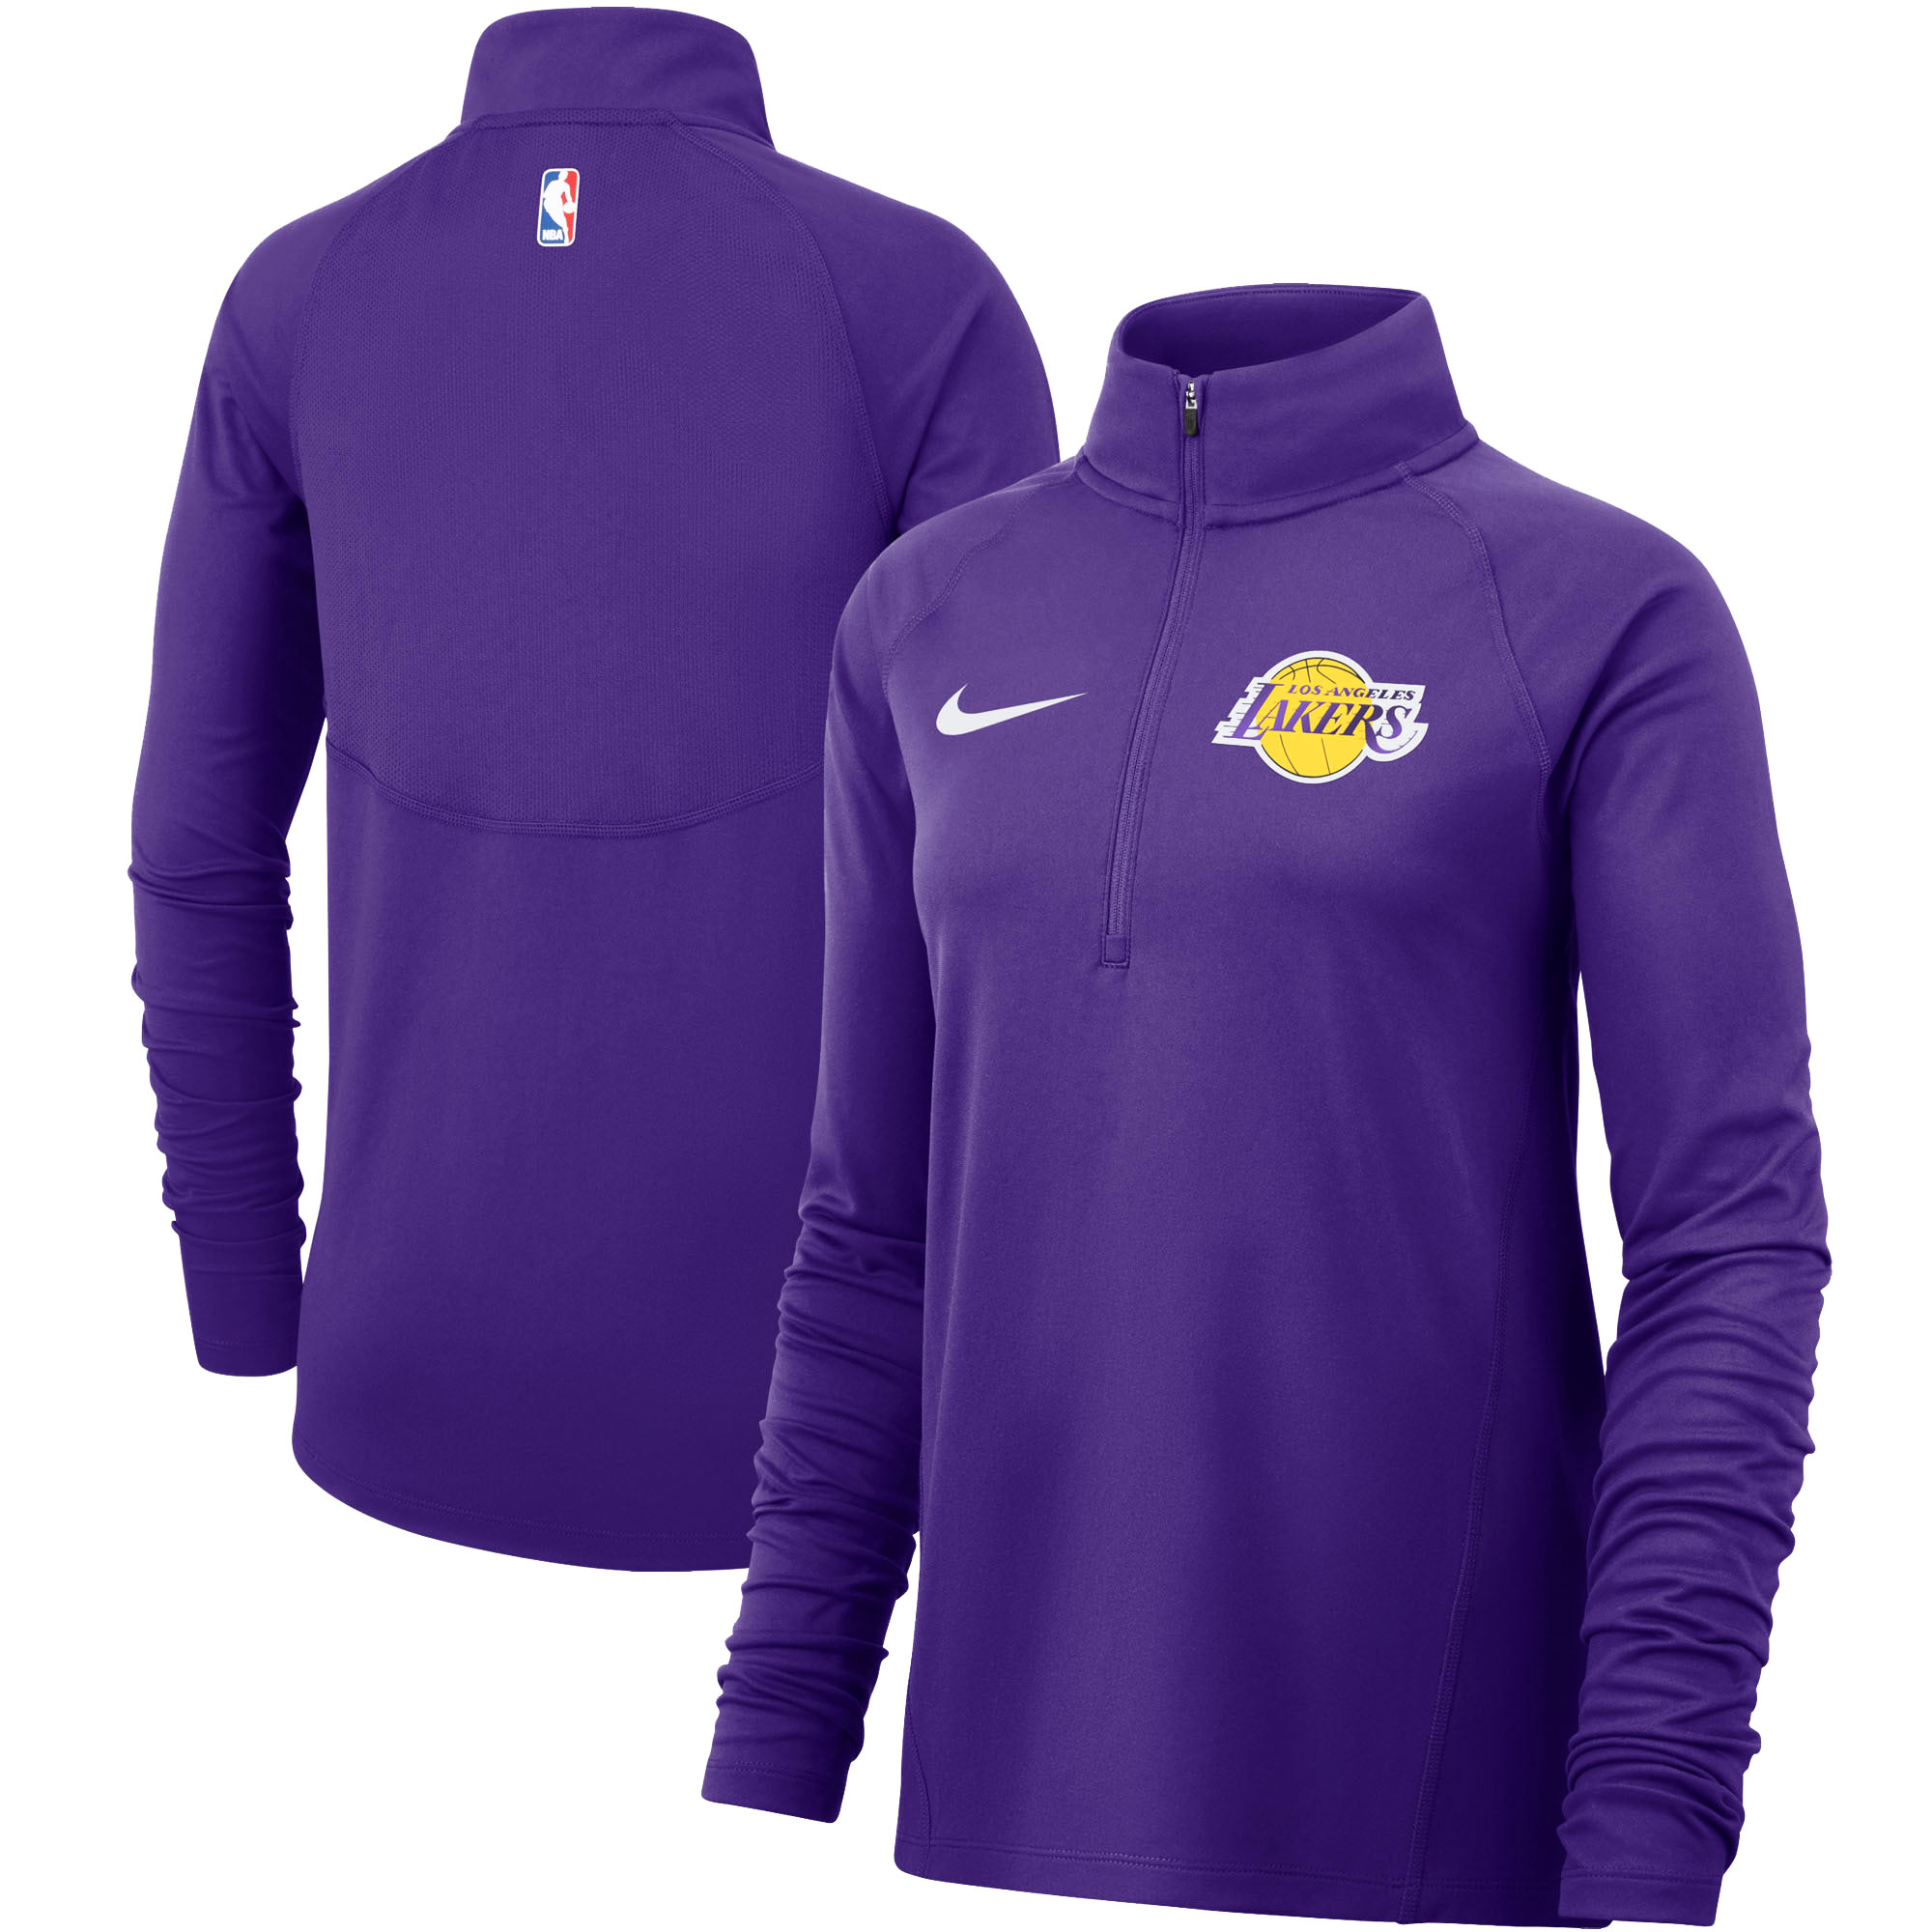 Los Angeles Lakers Nike Women's Element Performance Raglan Sleeve Half-Zip Pullover Jacket - Purple